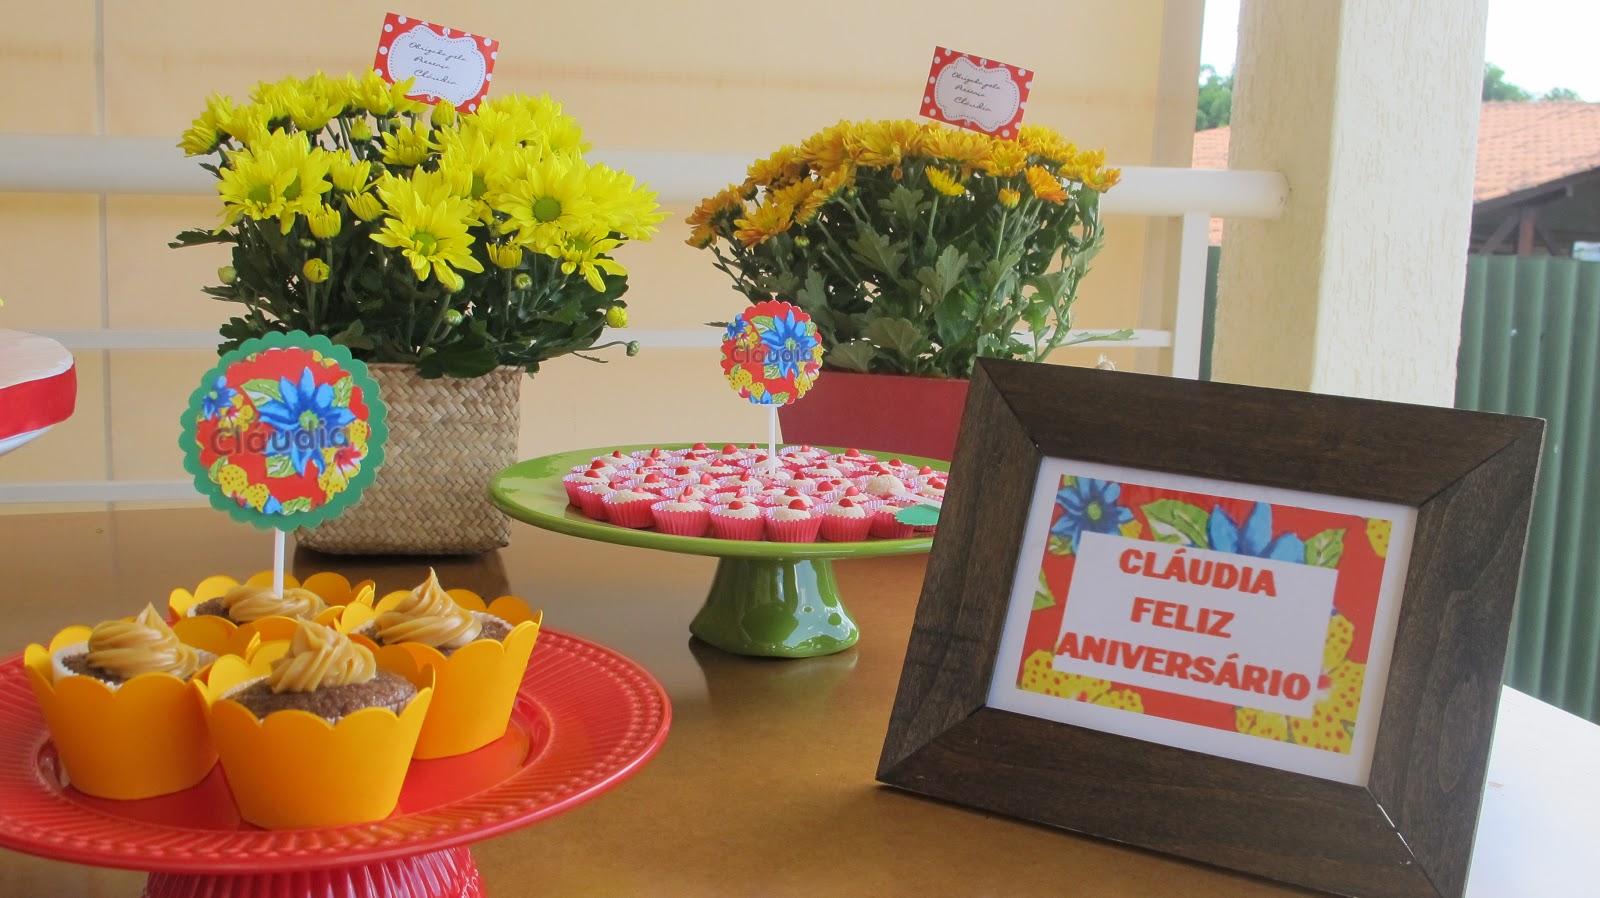 Excepcional Cantinho da Maja: Festa em casa- Churrasco para comemorar Aniversário WM15